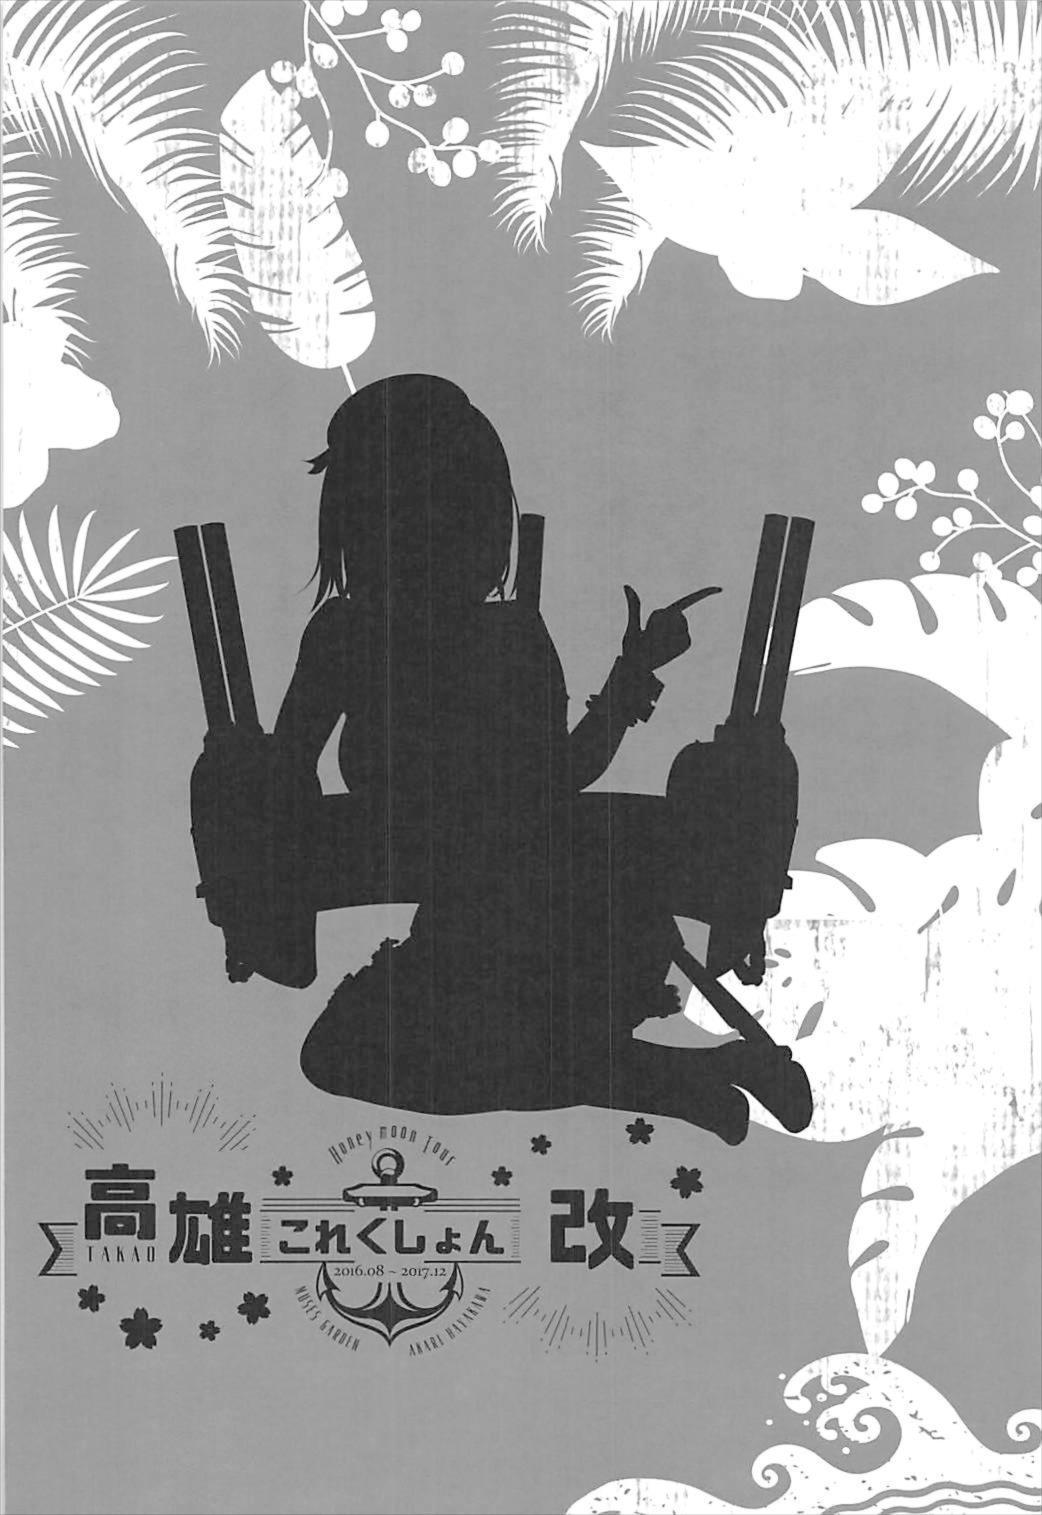 Takao Collection Kai Honeymoon Tour 83